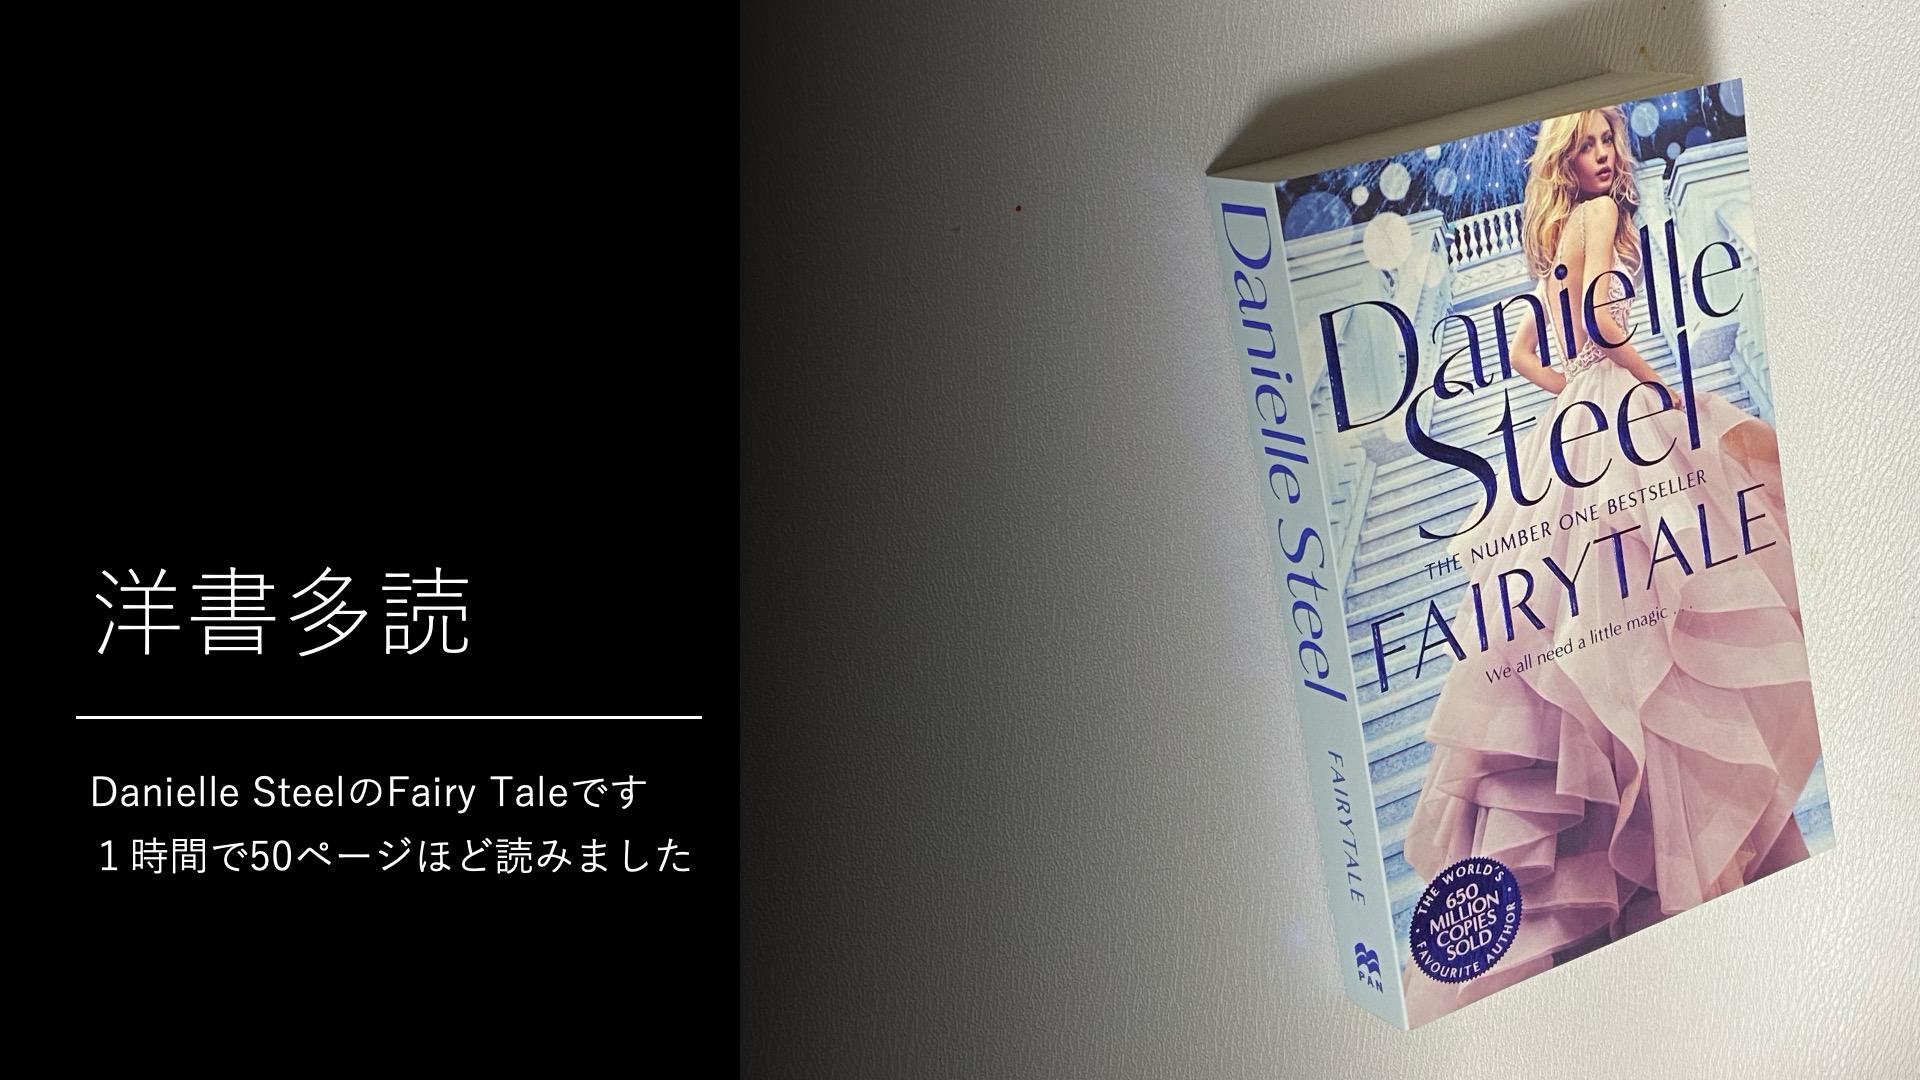 洋書で恋愛小説を読むーダニエル・スティール「フェアリーテール」